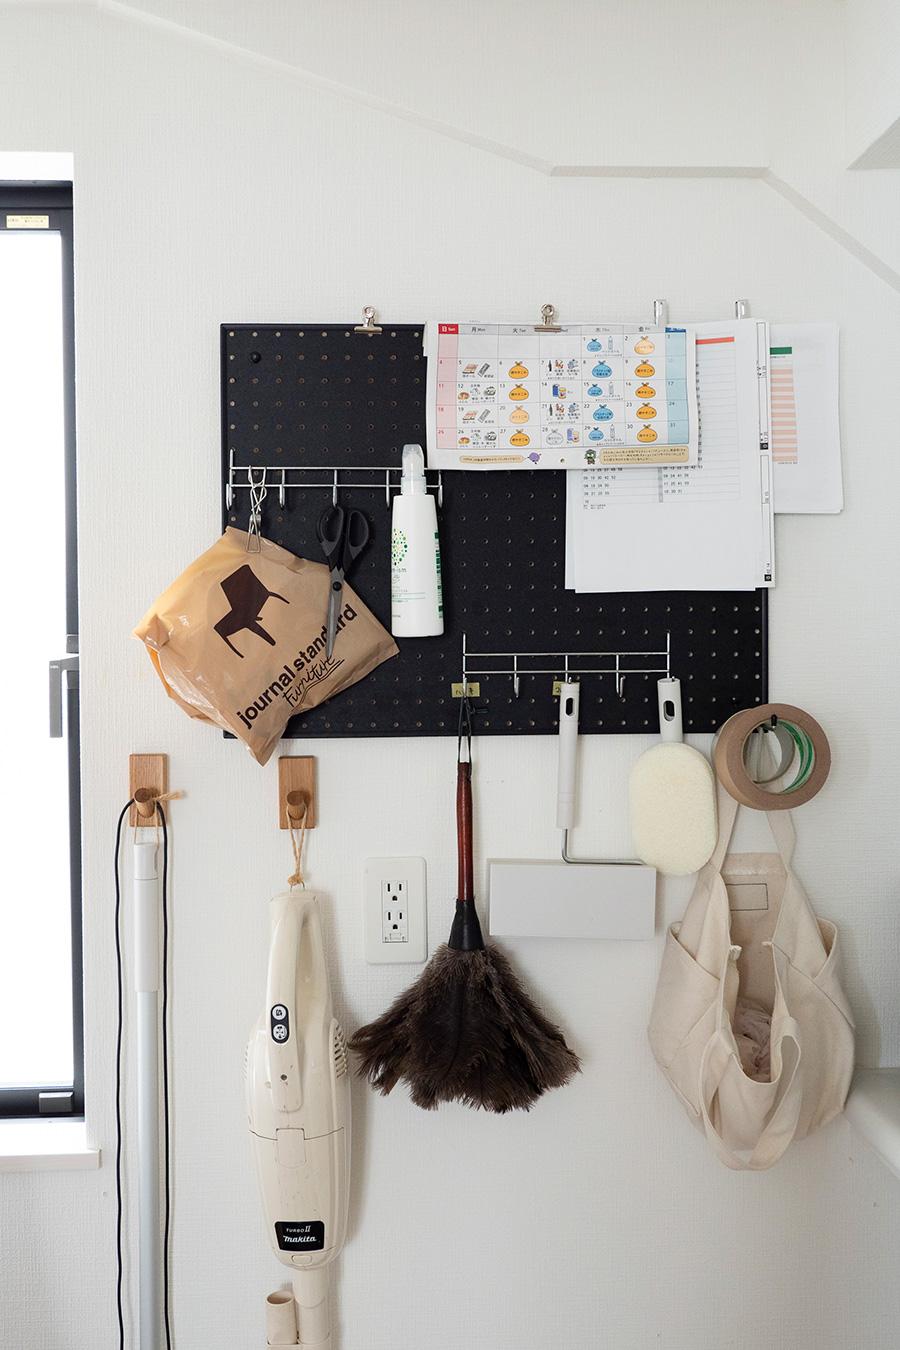 脱衣所だったところに設けた掃除道具コーナー。有孔ボードにフックを活用し、吊るして収納している。こうしておけば床の掃除がしやすい。